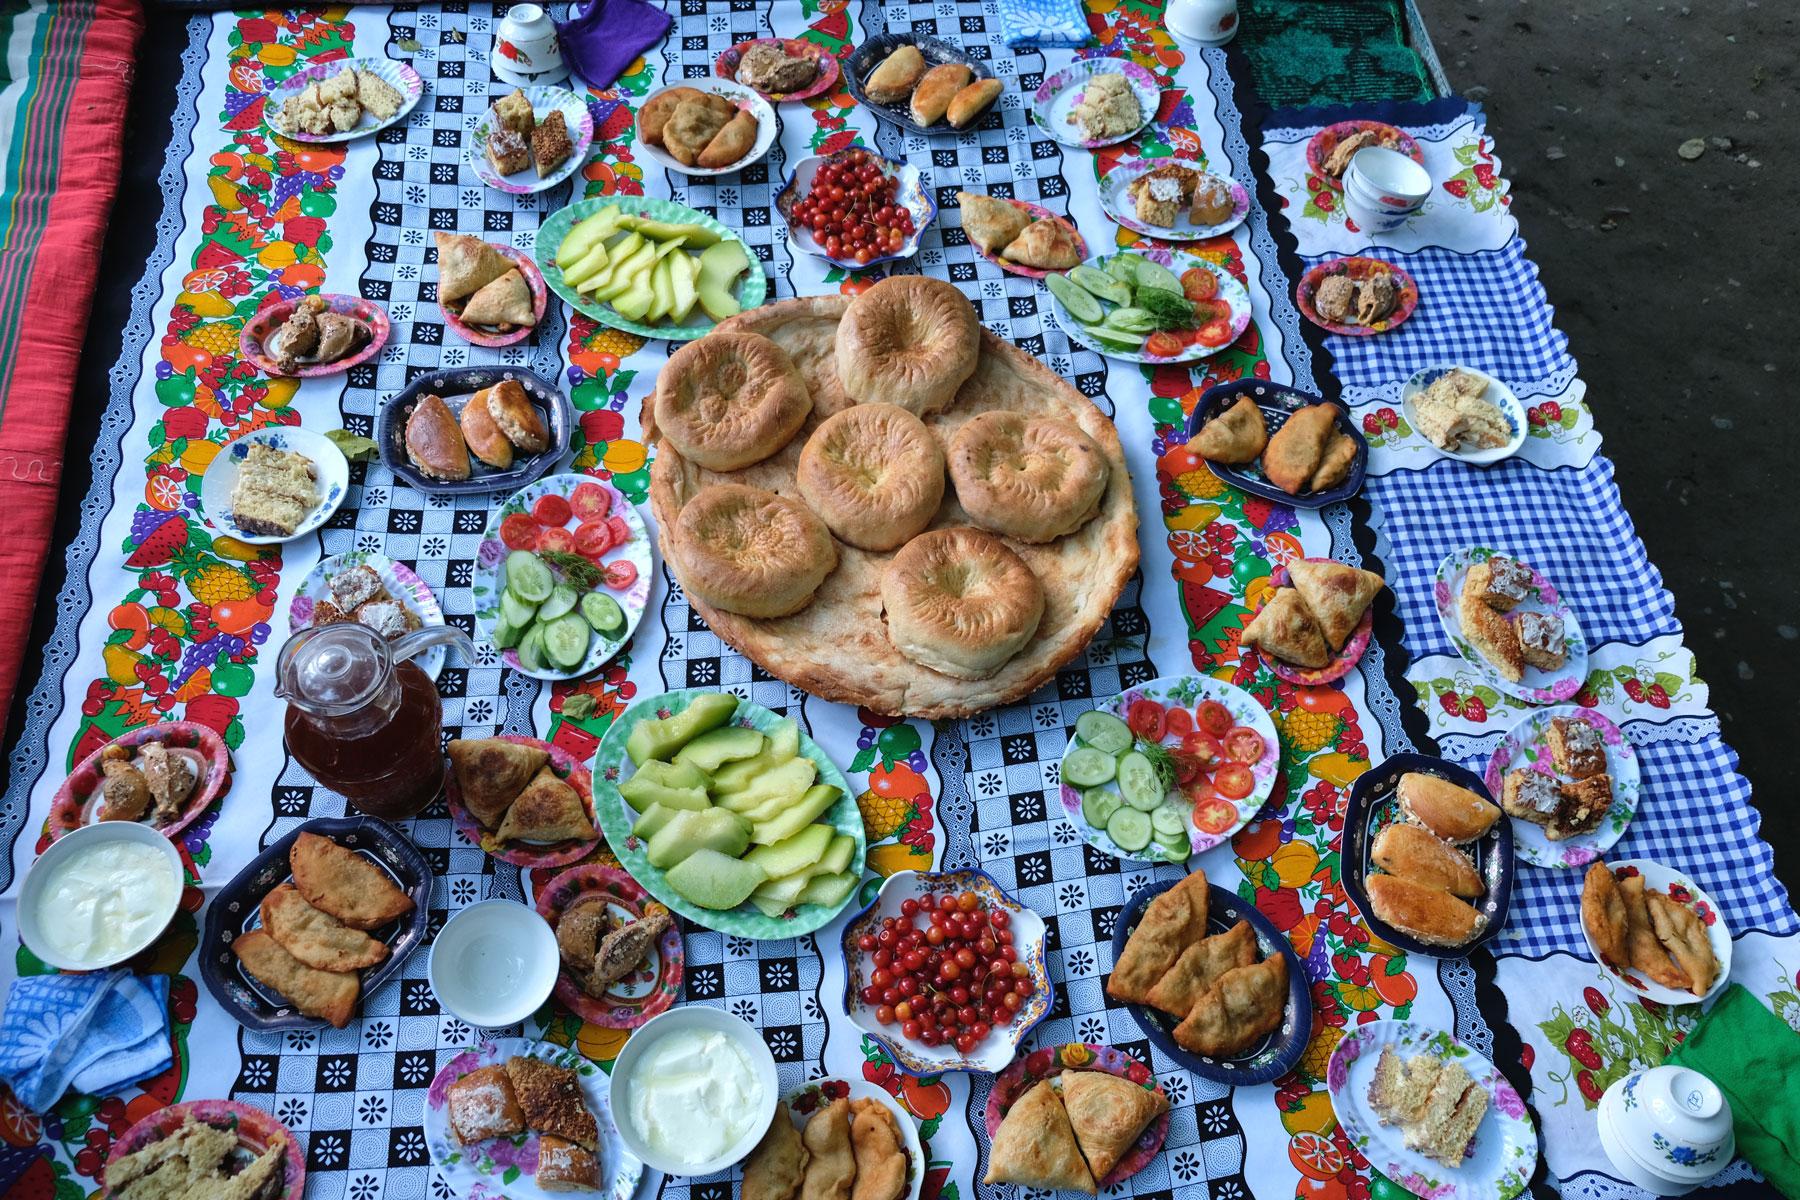 Ein reich gedeckter Tisch zum Fastenbrechenfest Iftar